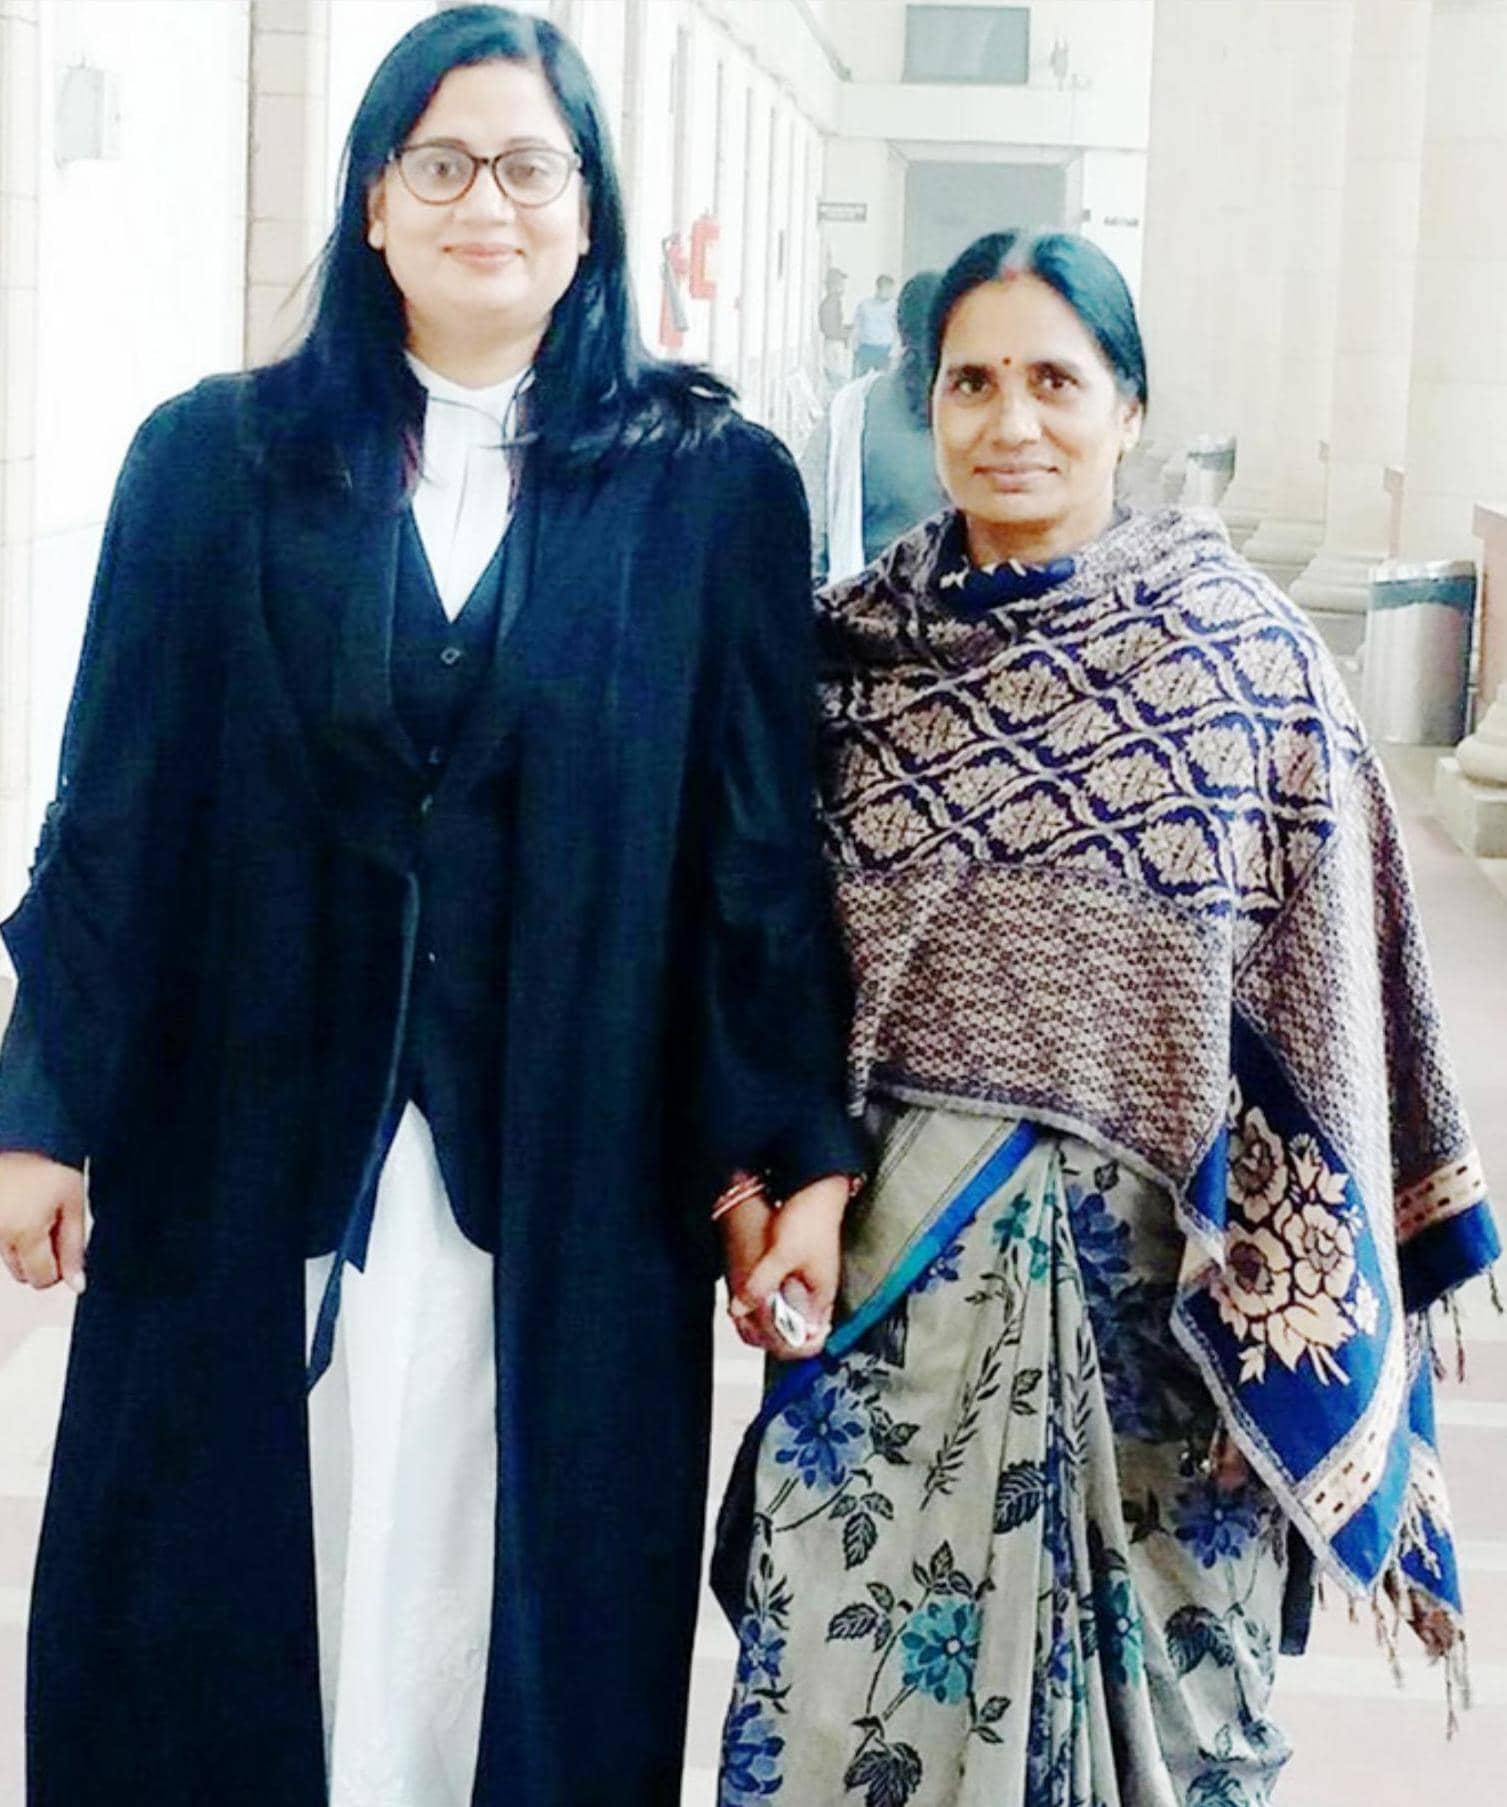 உடலை தானம் செய்த நிர்பயா குற்றவாளி!